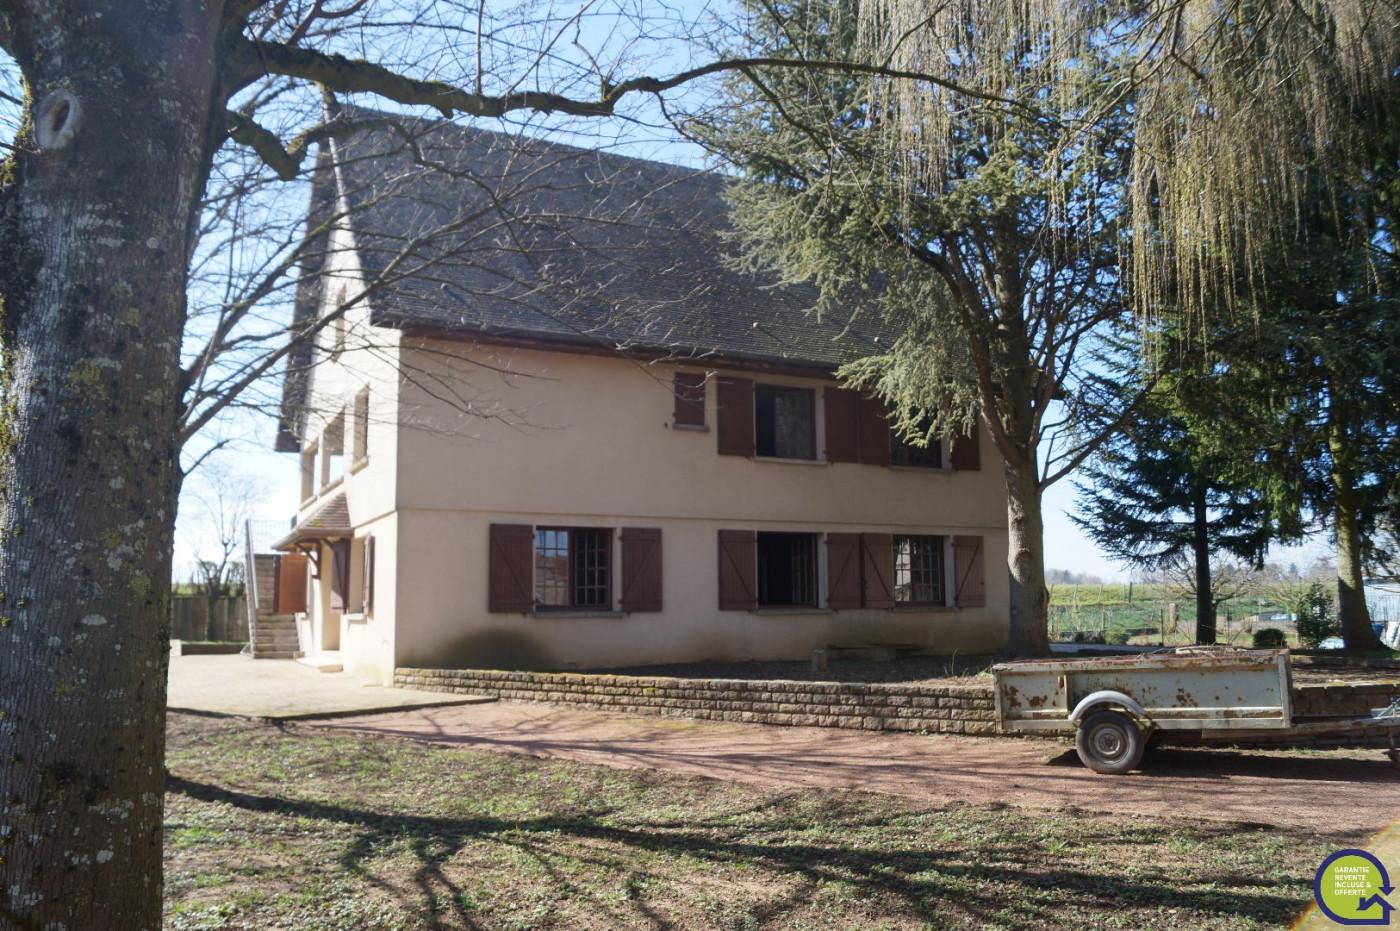 A vendre  Gergy | Réf 910123839 - Côté immobilier